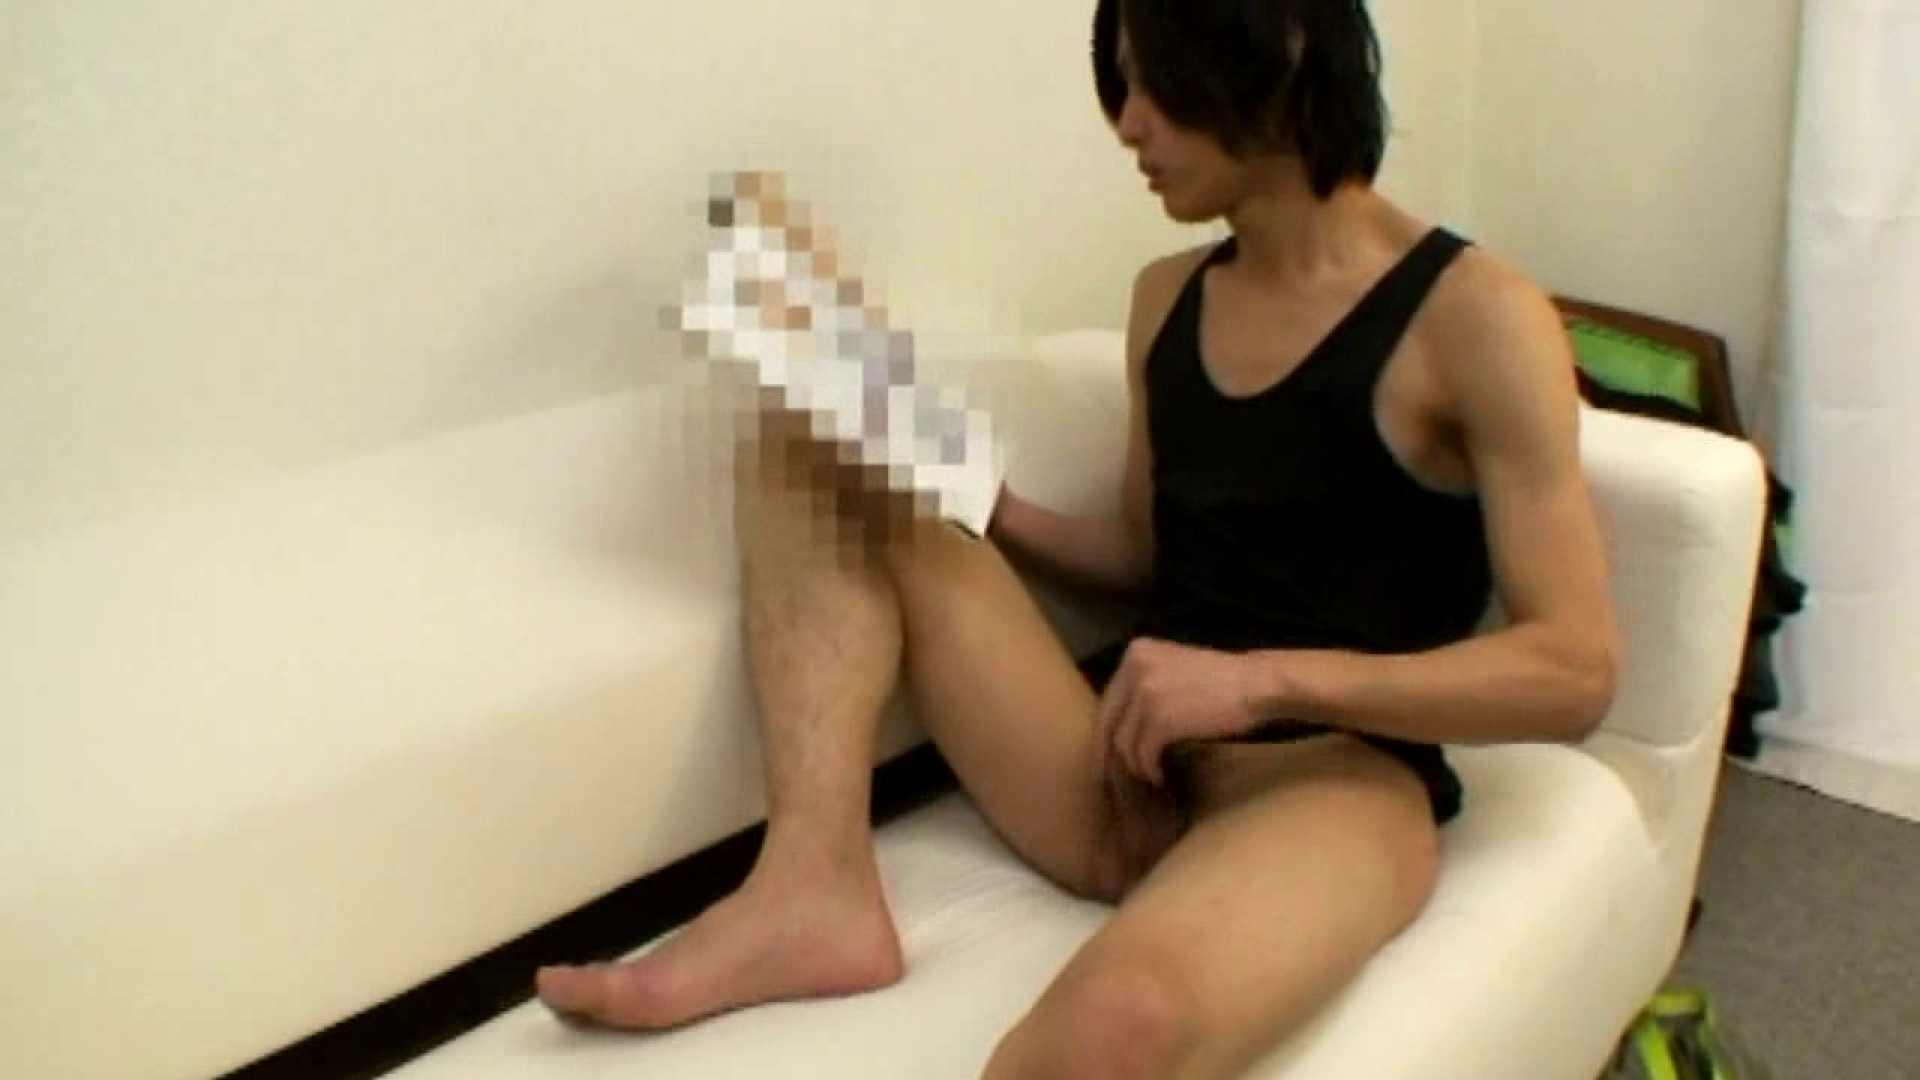 ノンケ!自慰スタジオ No.27 ノンケまつり ゲイヌード画像 106枚 93